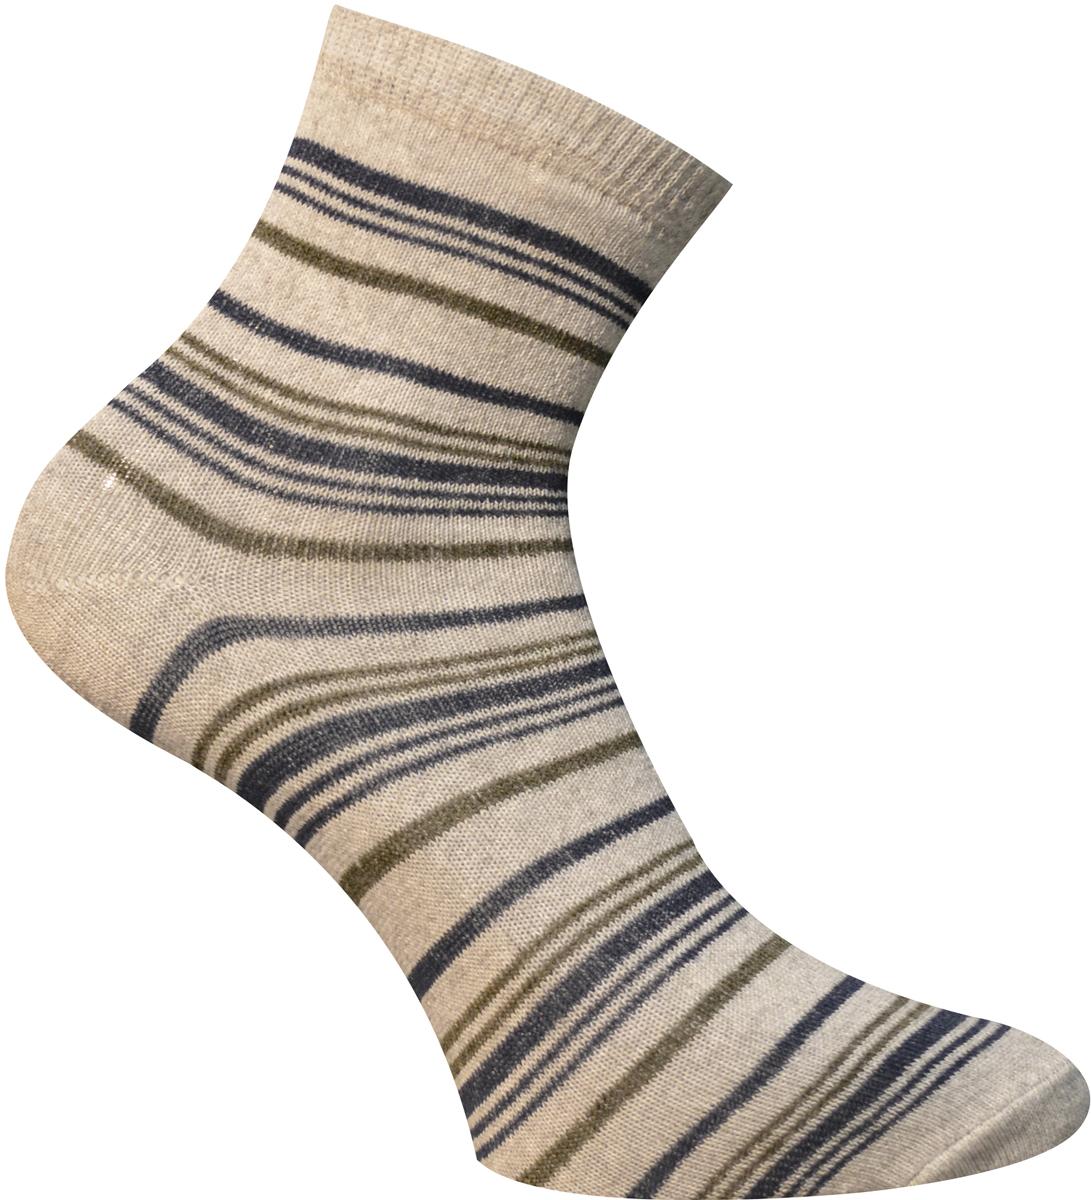 Носки детские Master Socks, цвет: серый. 52064. Размер 1652064Удобные носки Master Socks, изготовленные из высококачественного комбинированного материала с хлопковой основой, очень мягкие и приятные на ощупь, позволяют коже дышать.Эластичная резинка плотно облегает ногу, не сдавливая ее, обеспечивая комфорт и удобство. Носки с паголенком классической длины оформлены принтом в полоску. Практичные и комфортные носки великолепно подойдут к любой вашей обуви.